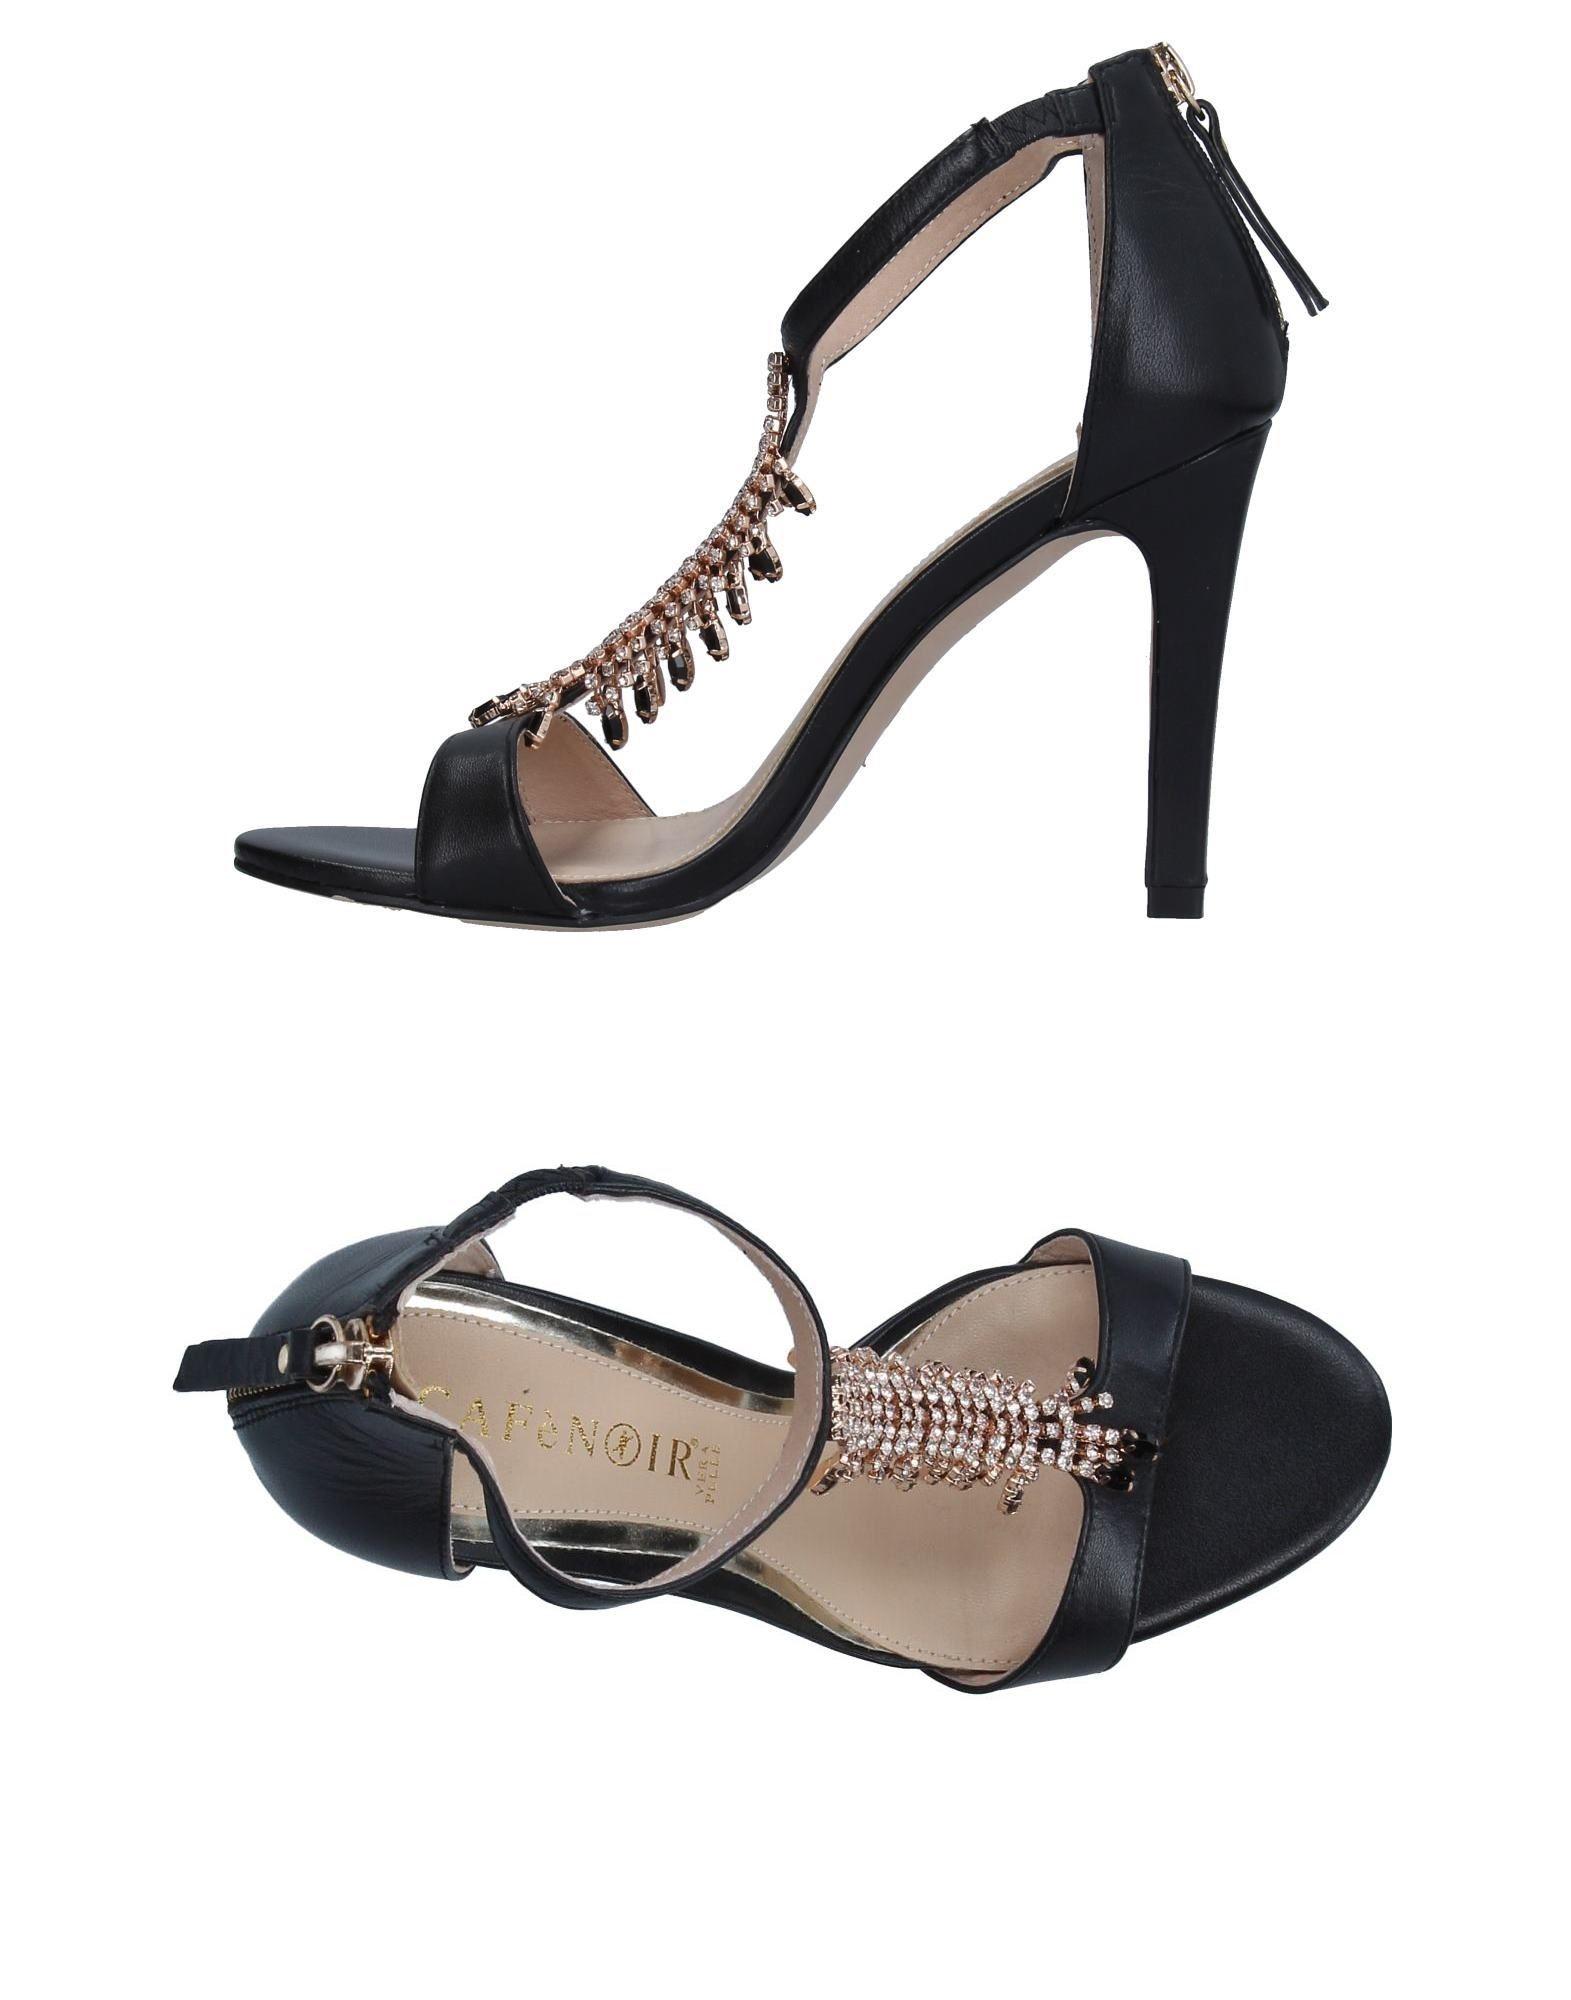 Sandales Cafènoir Femme - Sandales Cafènoir sur